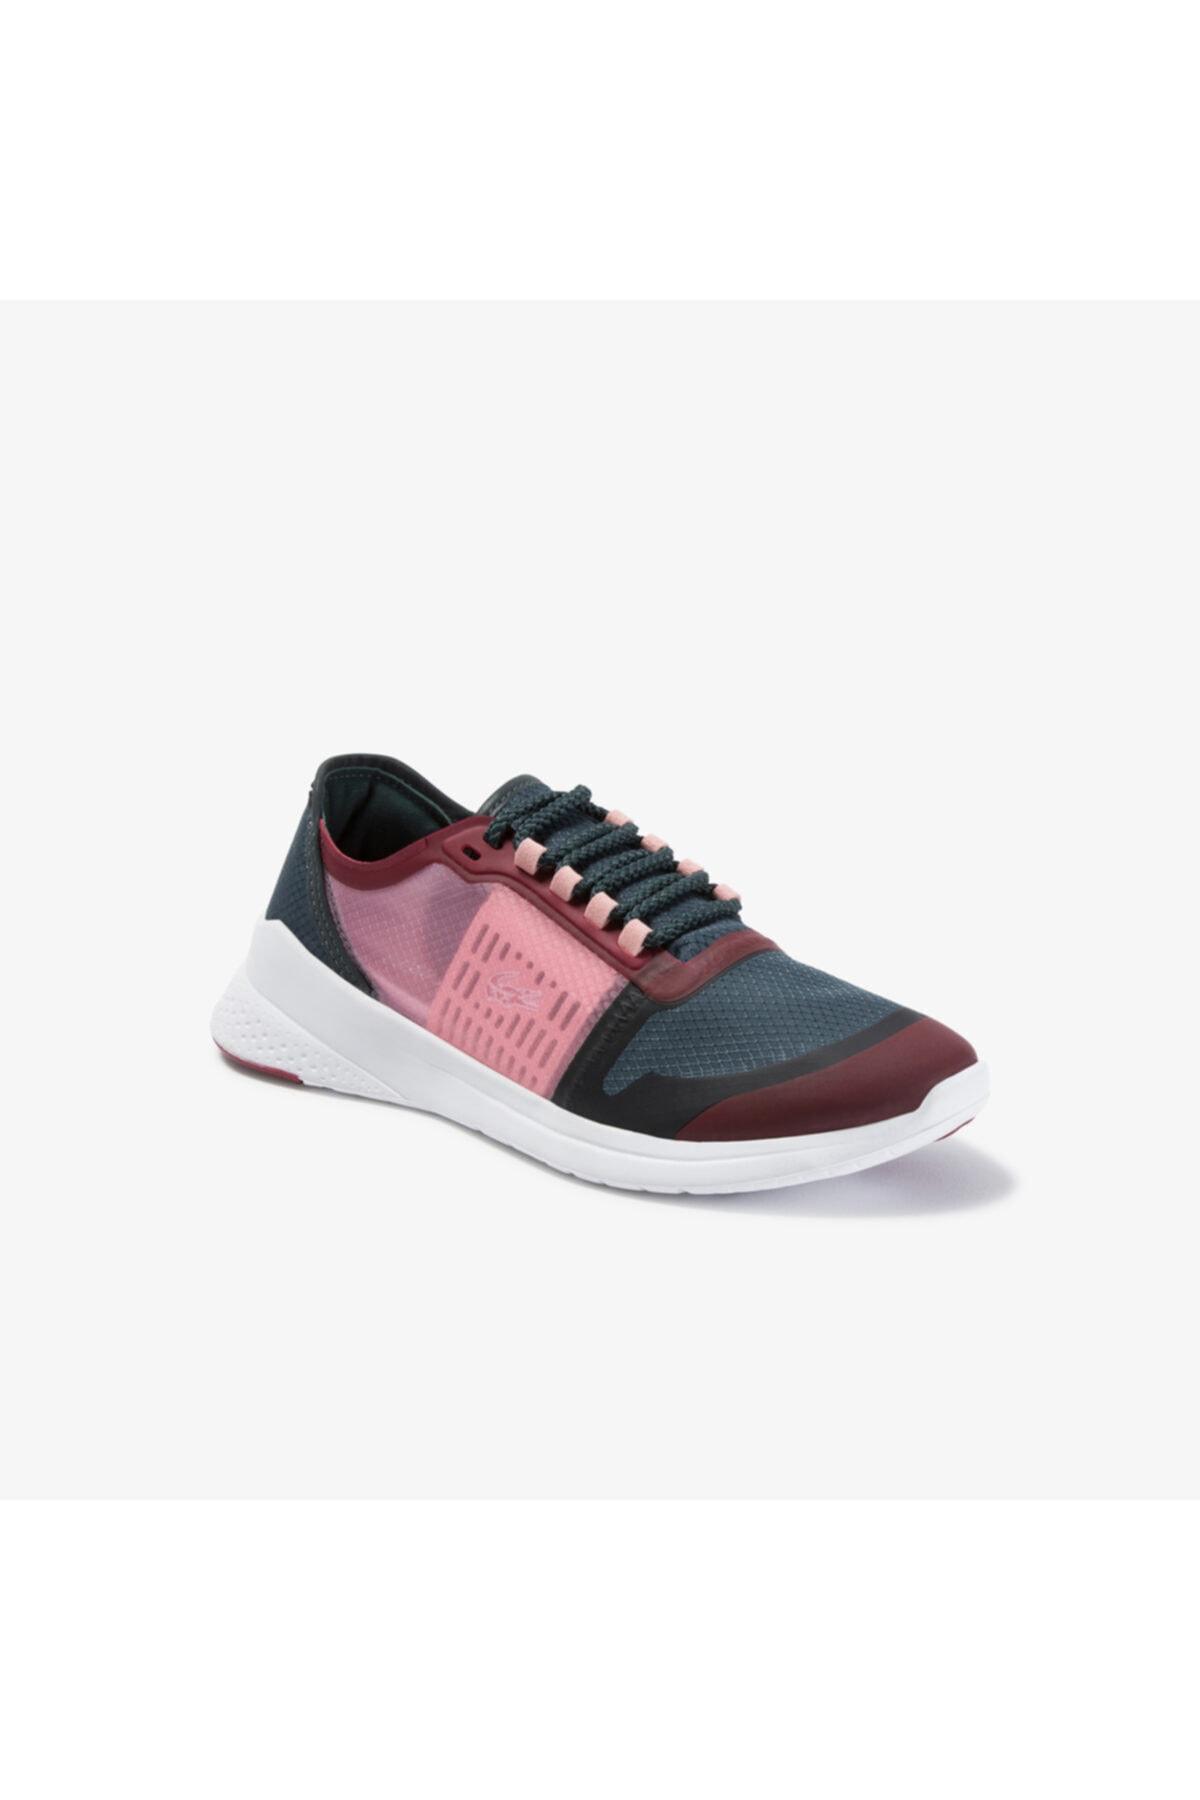 Kadın Lacivert Renkli Ayakkabı 739SFA0001 Lt Fit 120 1 Sfa